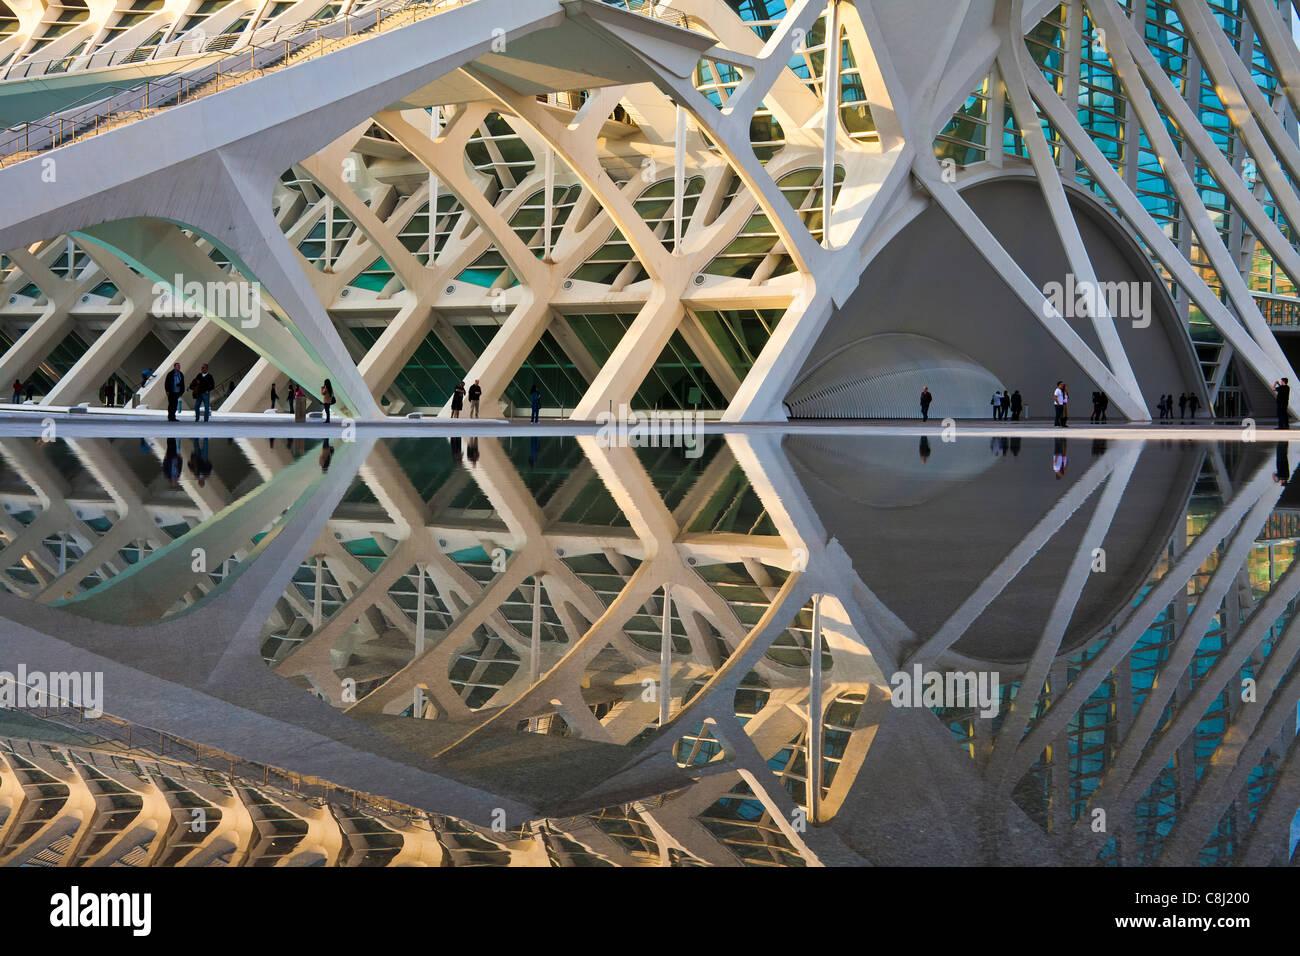 L'Espagne, l'Europe, Valence, Cité des Arts et des sciences, Calatrava, architecture, moderne, Photo Stock